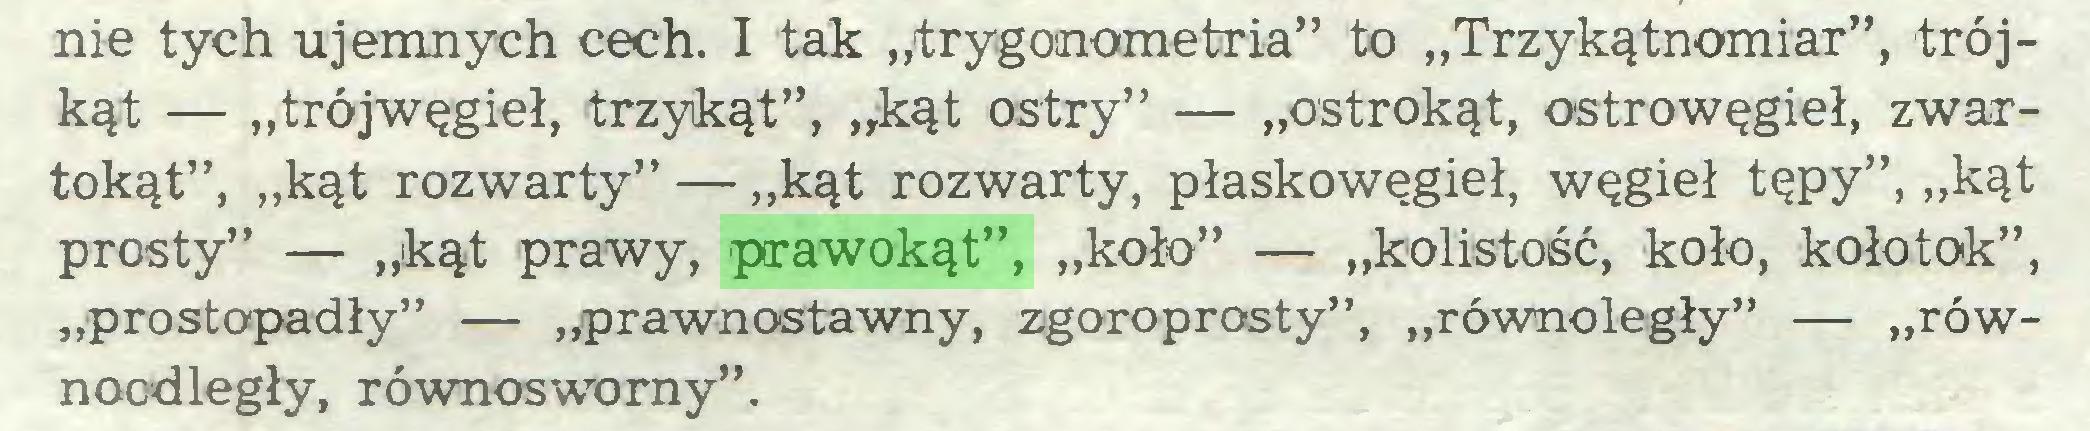 """(...) nie tych ujemnych cech. I tak """"trygonometria"""" to """"Trzykątnomiar"""", trójkąt — """"trój węgieł, trzykąt"""", """"kąt ostry"""" — """"ostrokąt, ostrowęgieł, zwartokąt"""", """"kąt rozwarty"""" — """"kąt rozwarty, płaskowęgieł, węgieł tępy"""", """"kąt prosty"""" — """"kąt prawy, prawokąt"""", """"koło"""" — """"kolistość, koło, kołotok"""", """"prostopadły"""" — ,^prawnostawny, zgoroprosty"""", """"równoległy"""" — """"równoodległy, równosworny""""..."""